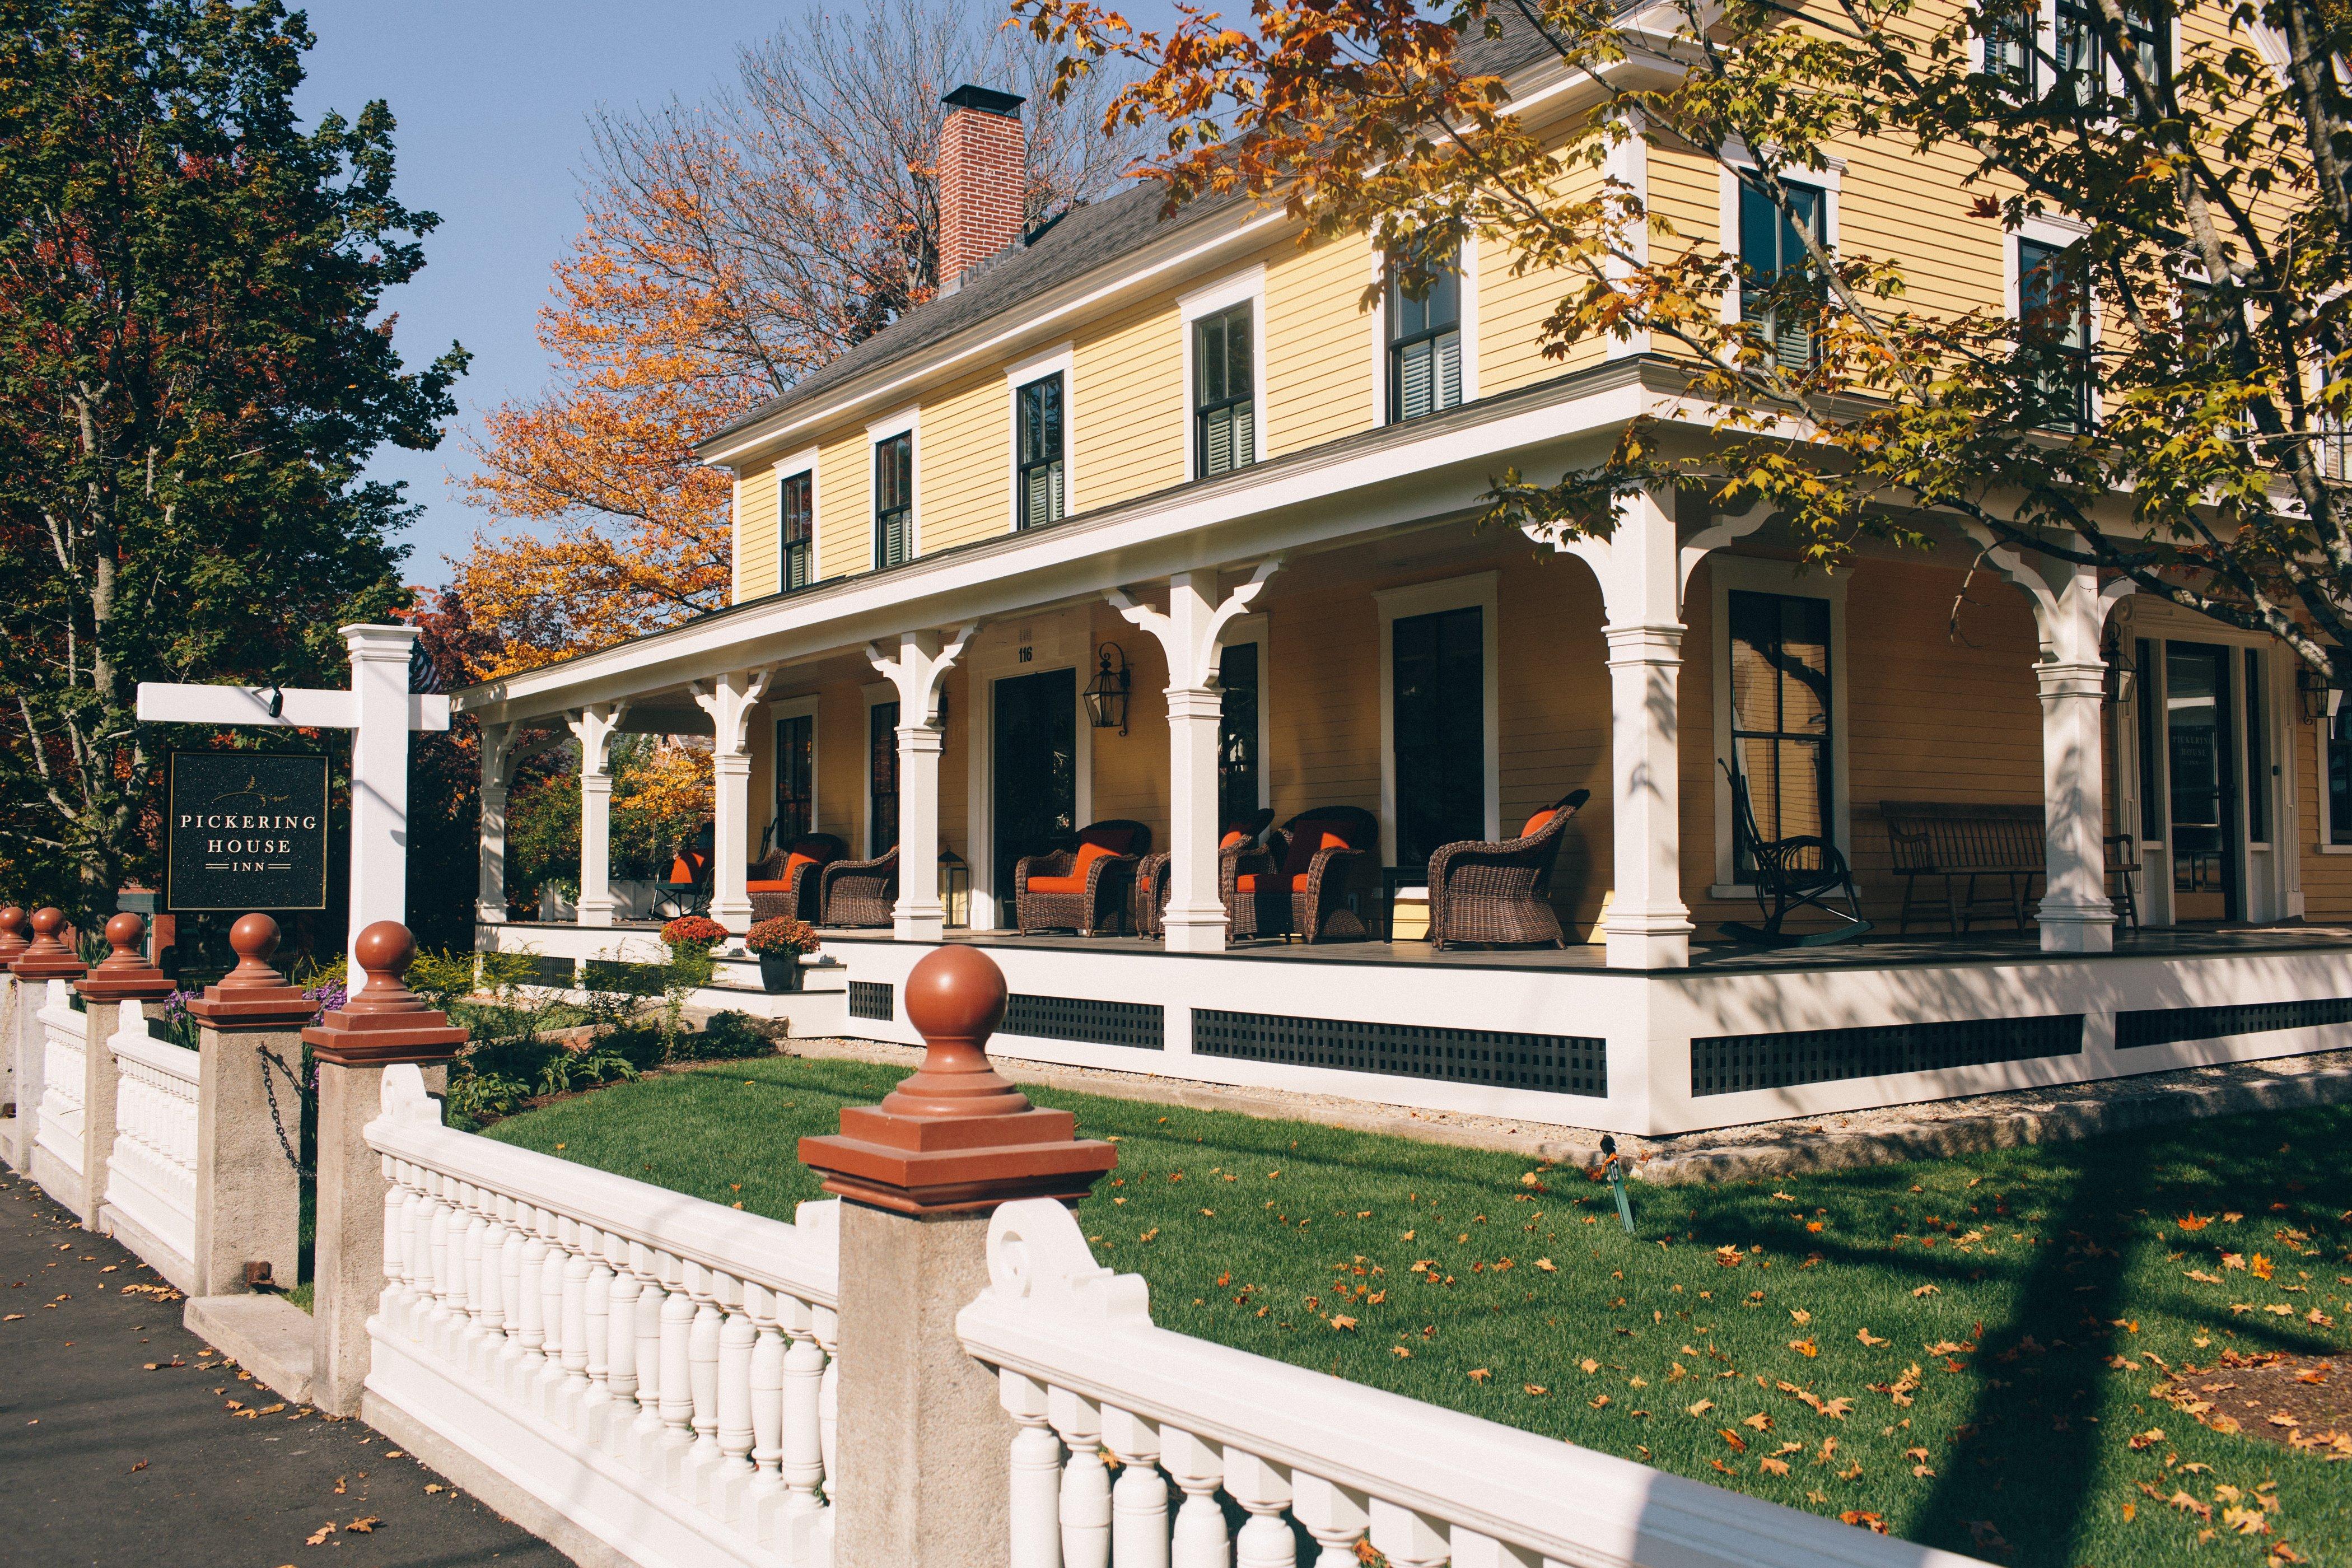 The pickering house inn